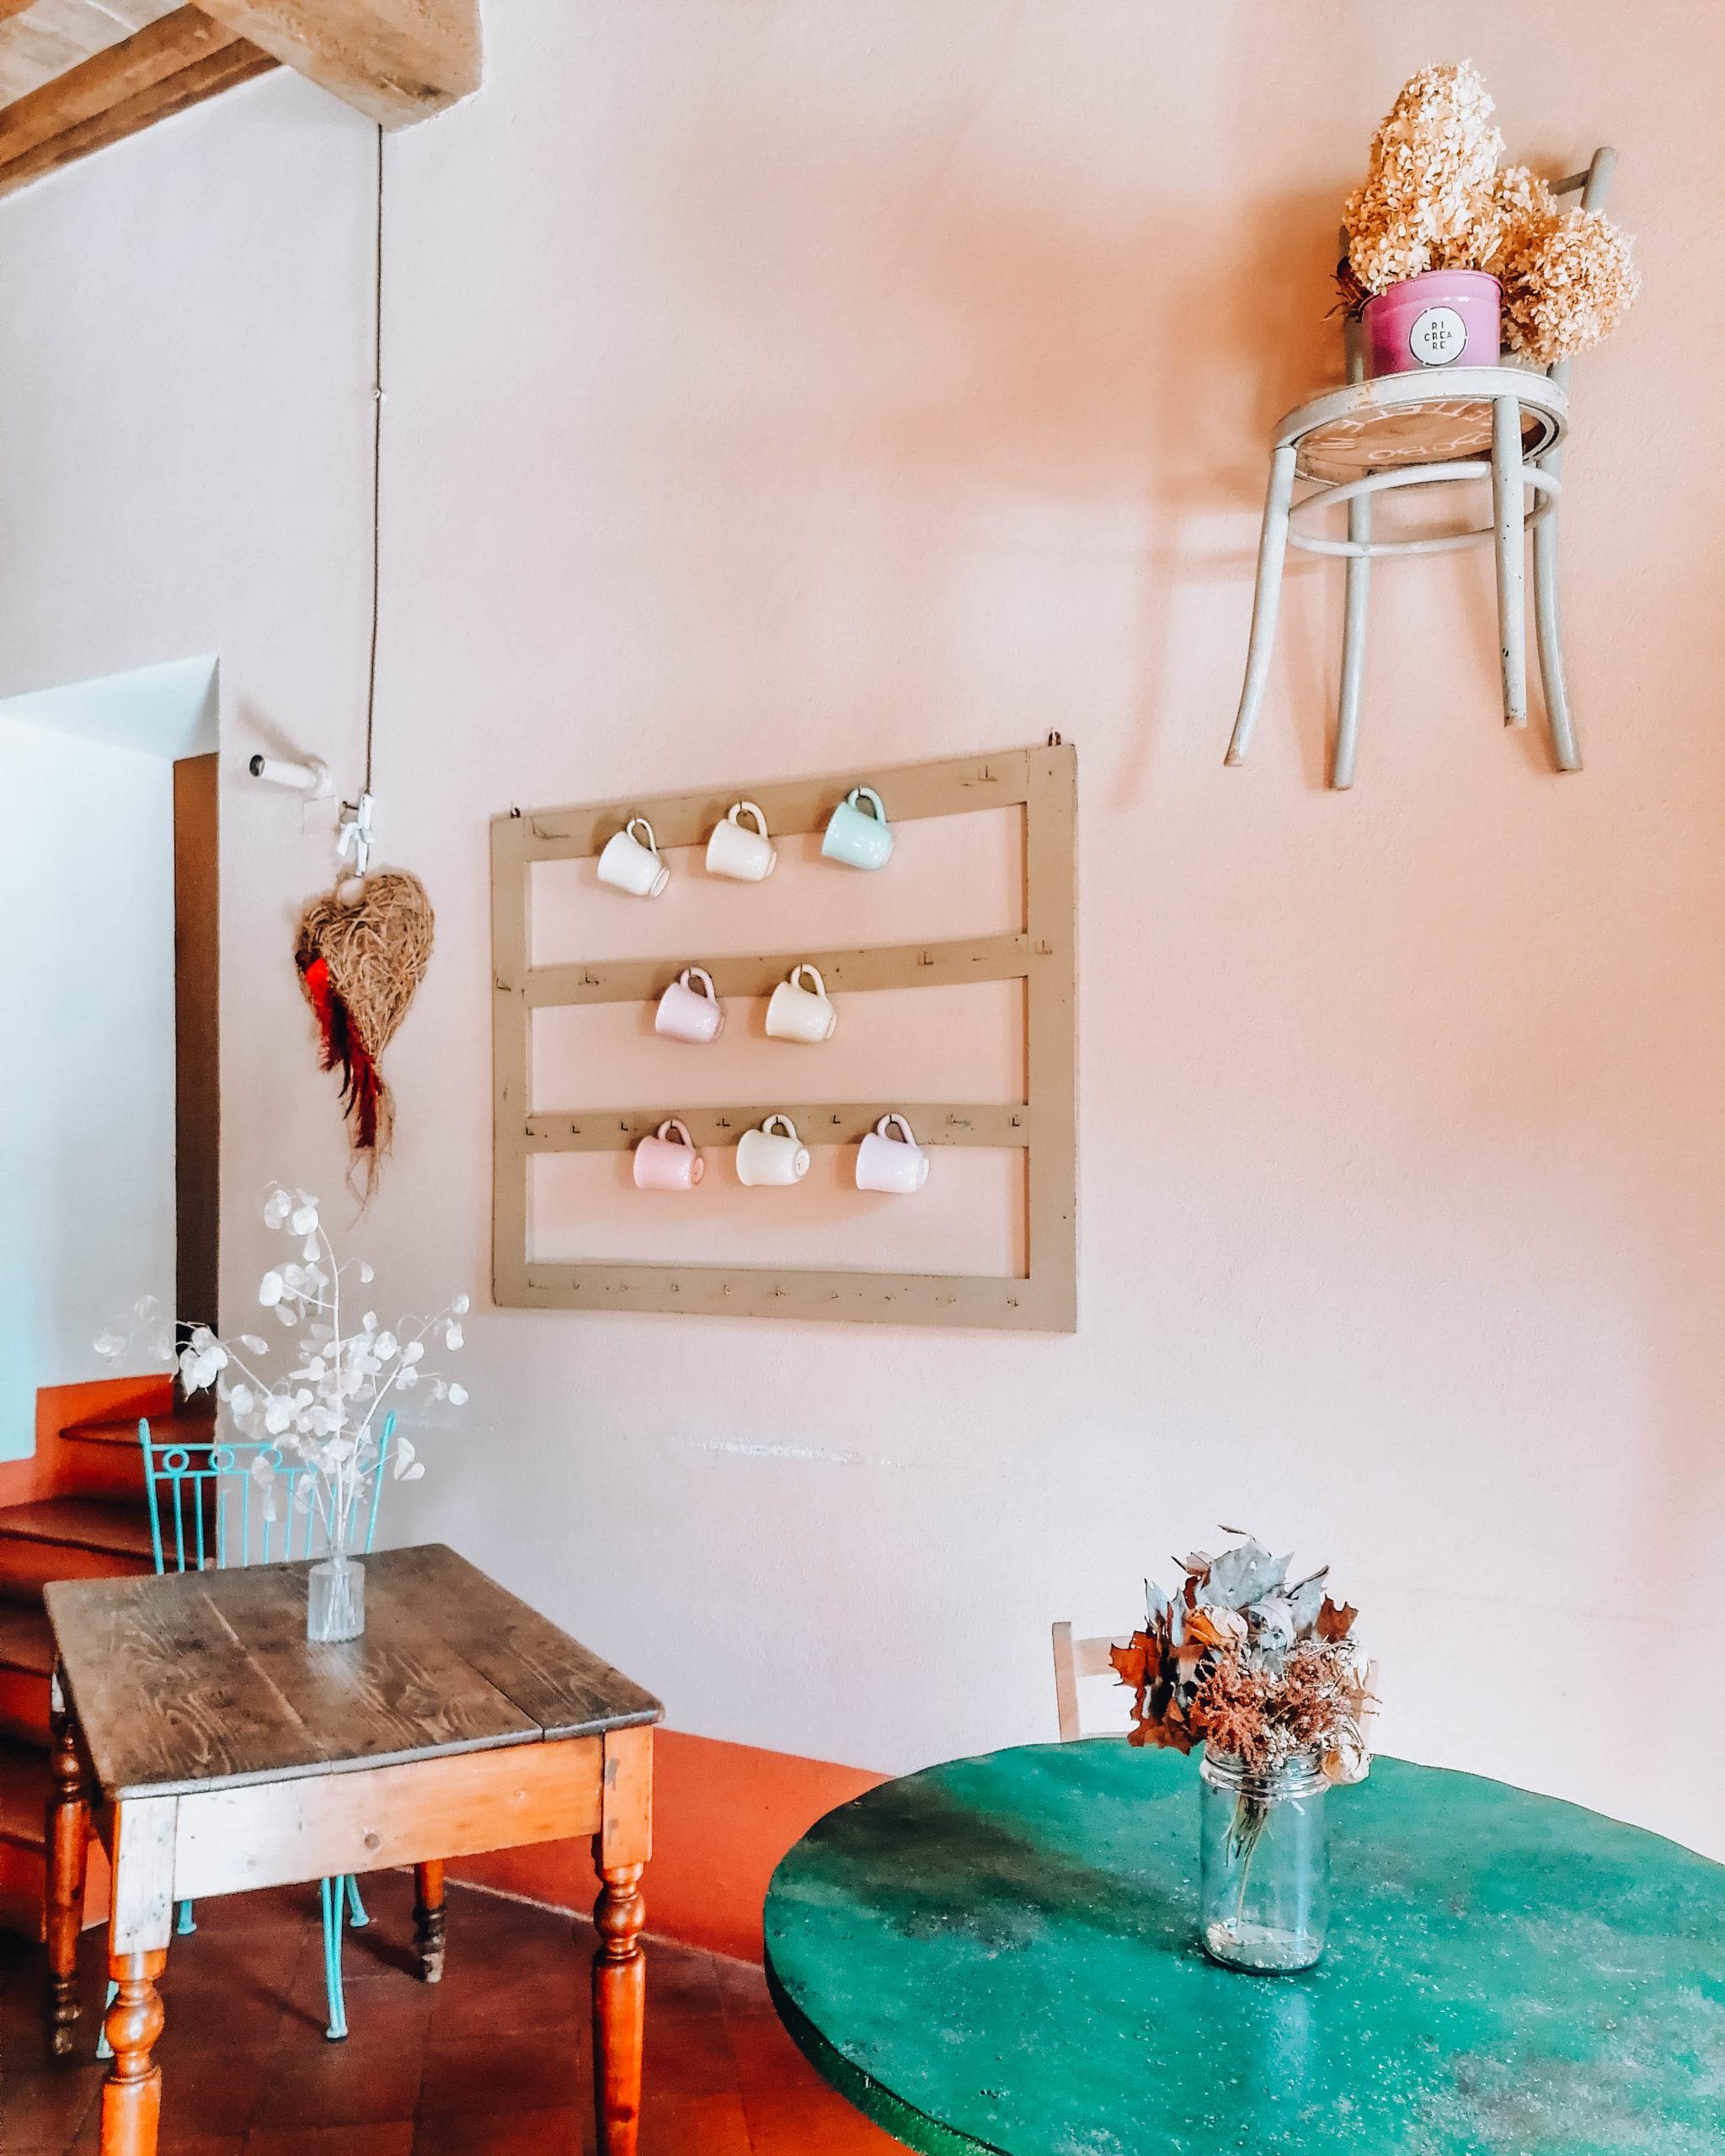 parete addobbata con sedia di paglia appena e tavoli in legno colorato